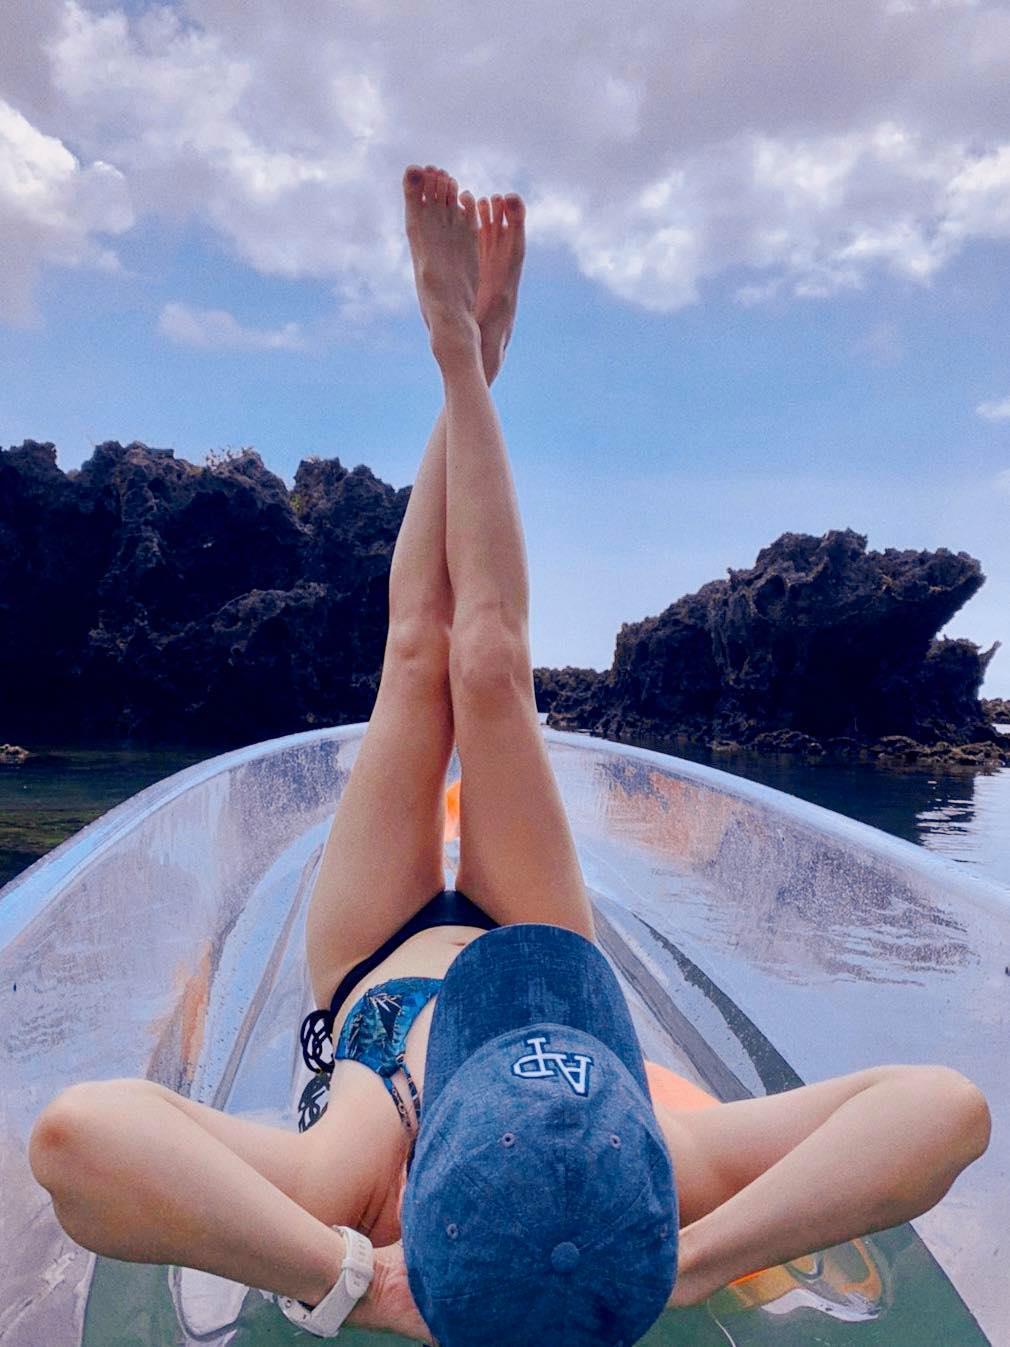 吳宇舒大秀長腿和好身材,粉絲大讚「台灣最美的風景」。(翻攝自吳宇舒臉書)